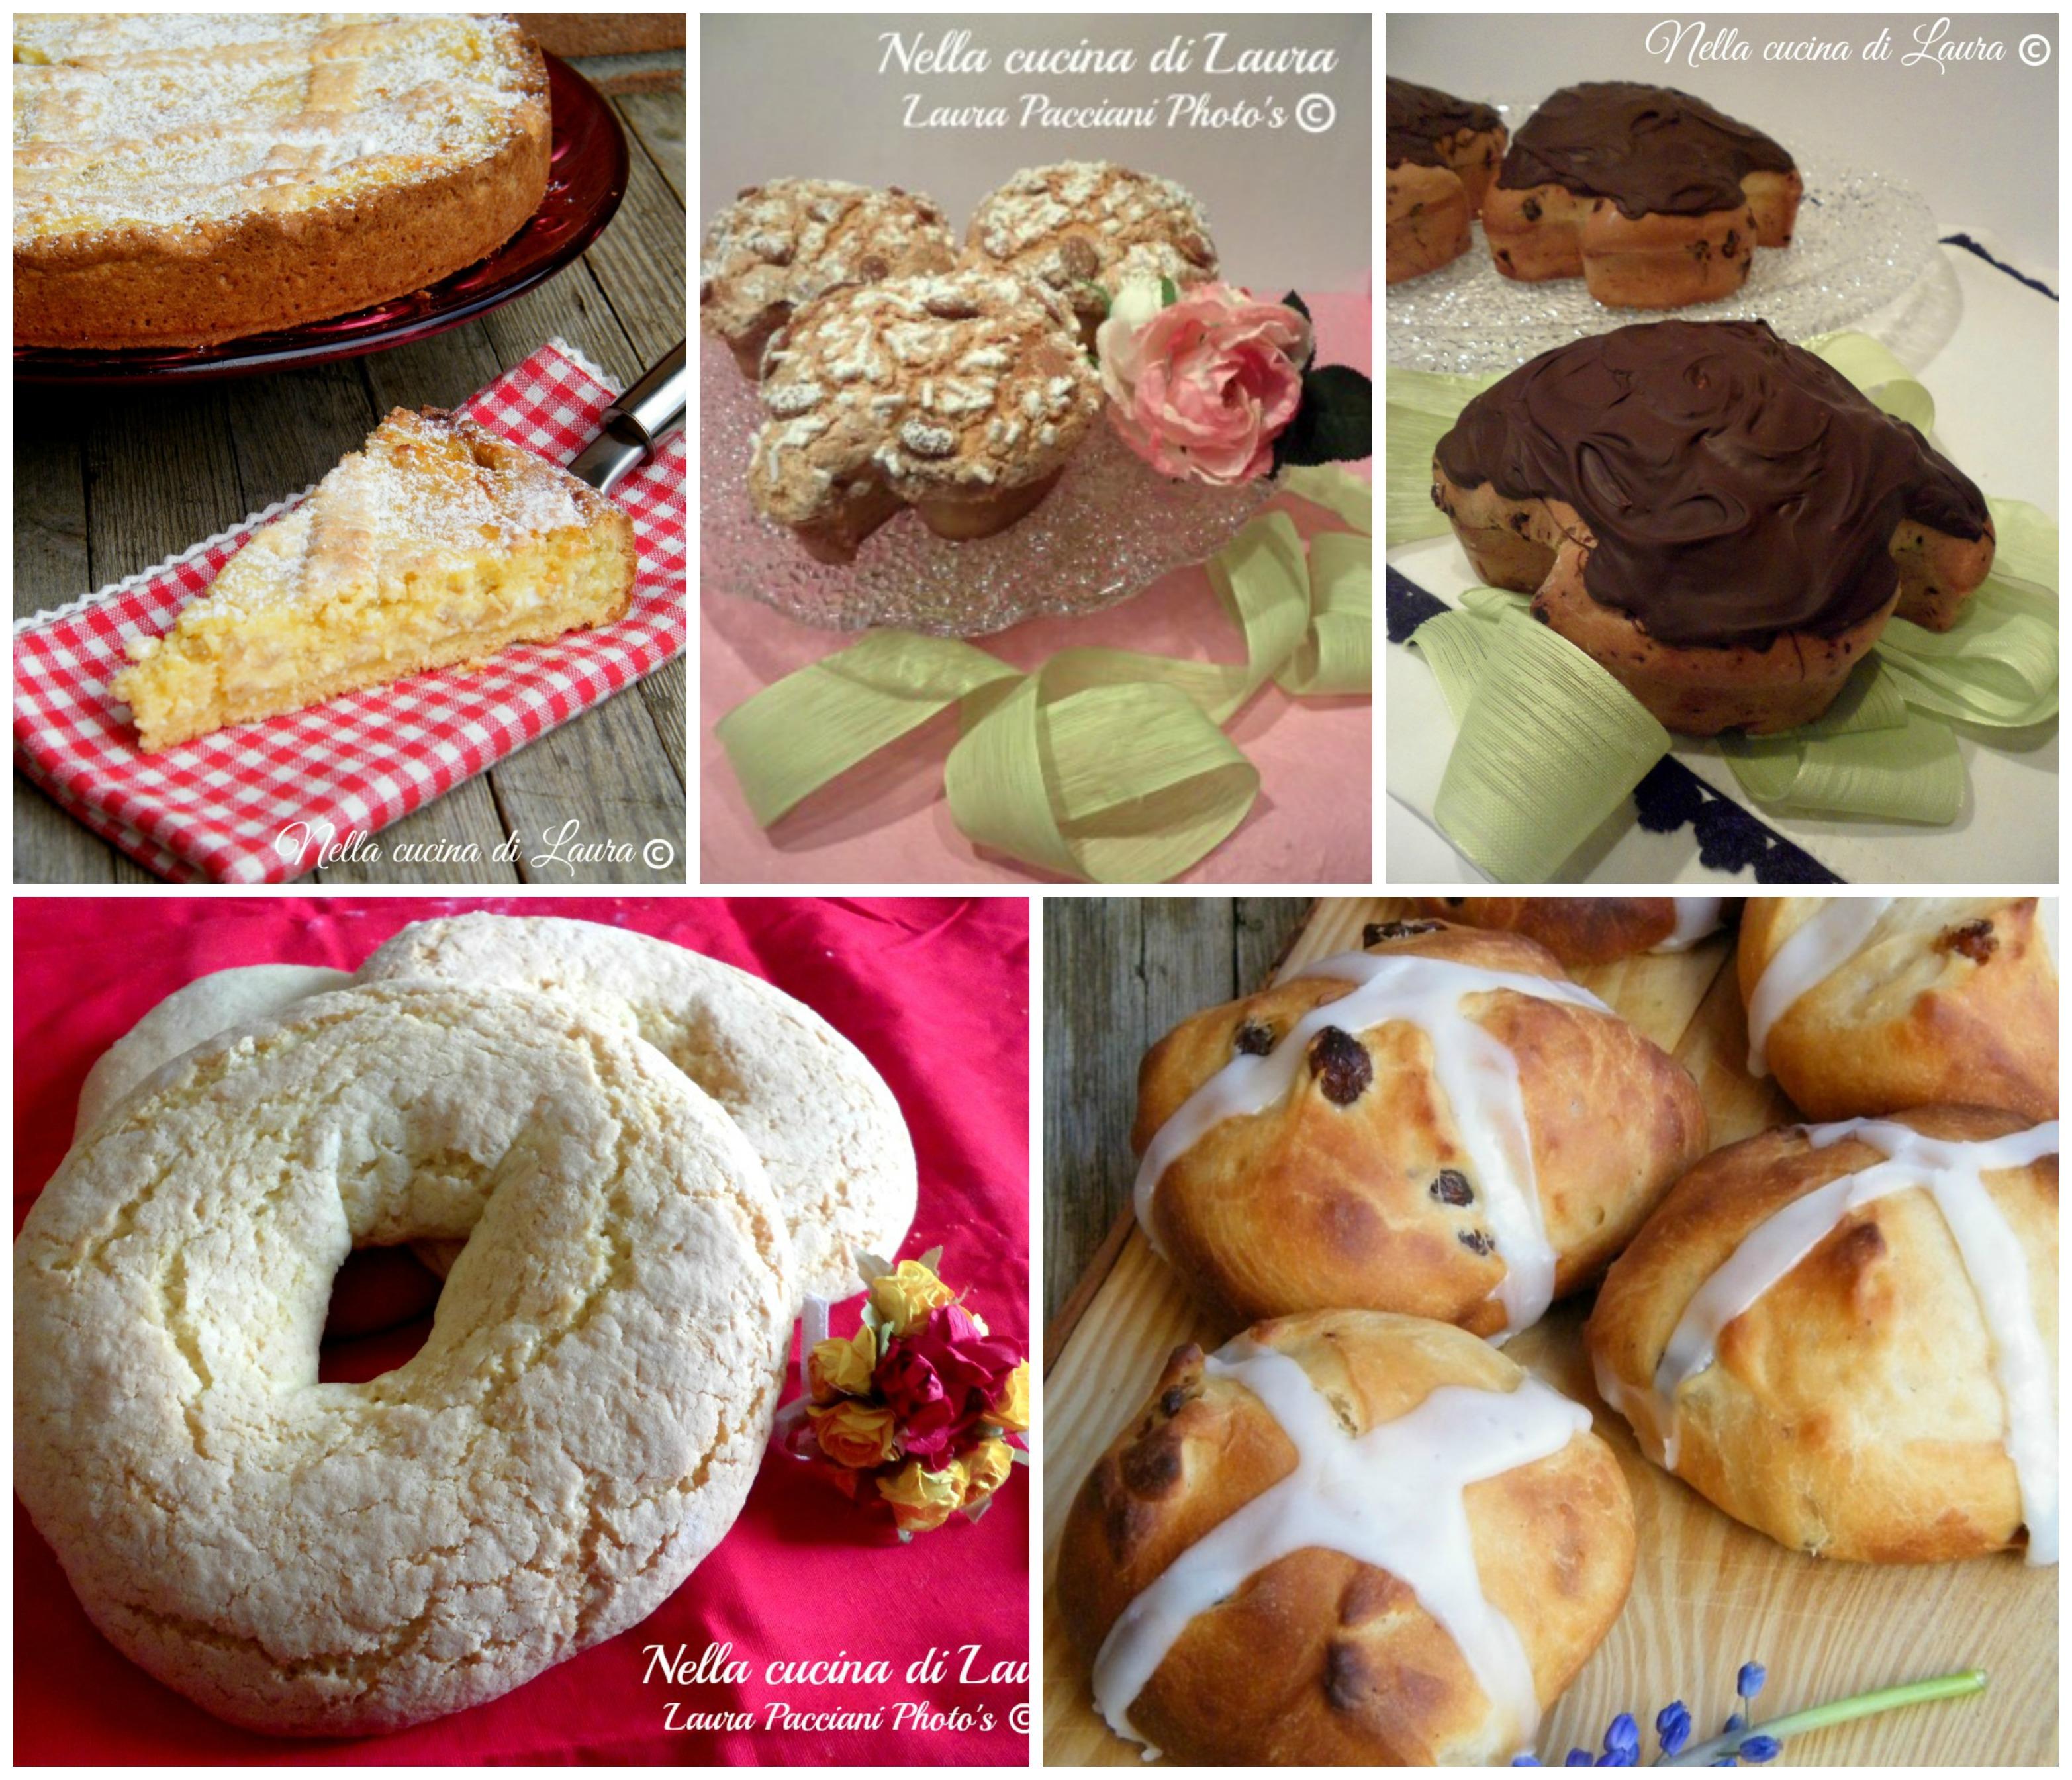 rustici e dolci per il menu' di Pasqua - nella cucina di laura